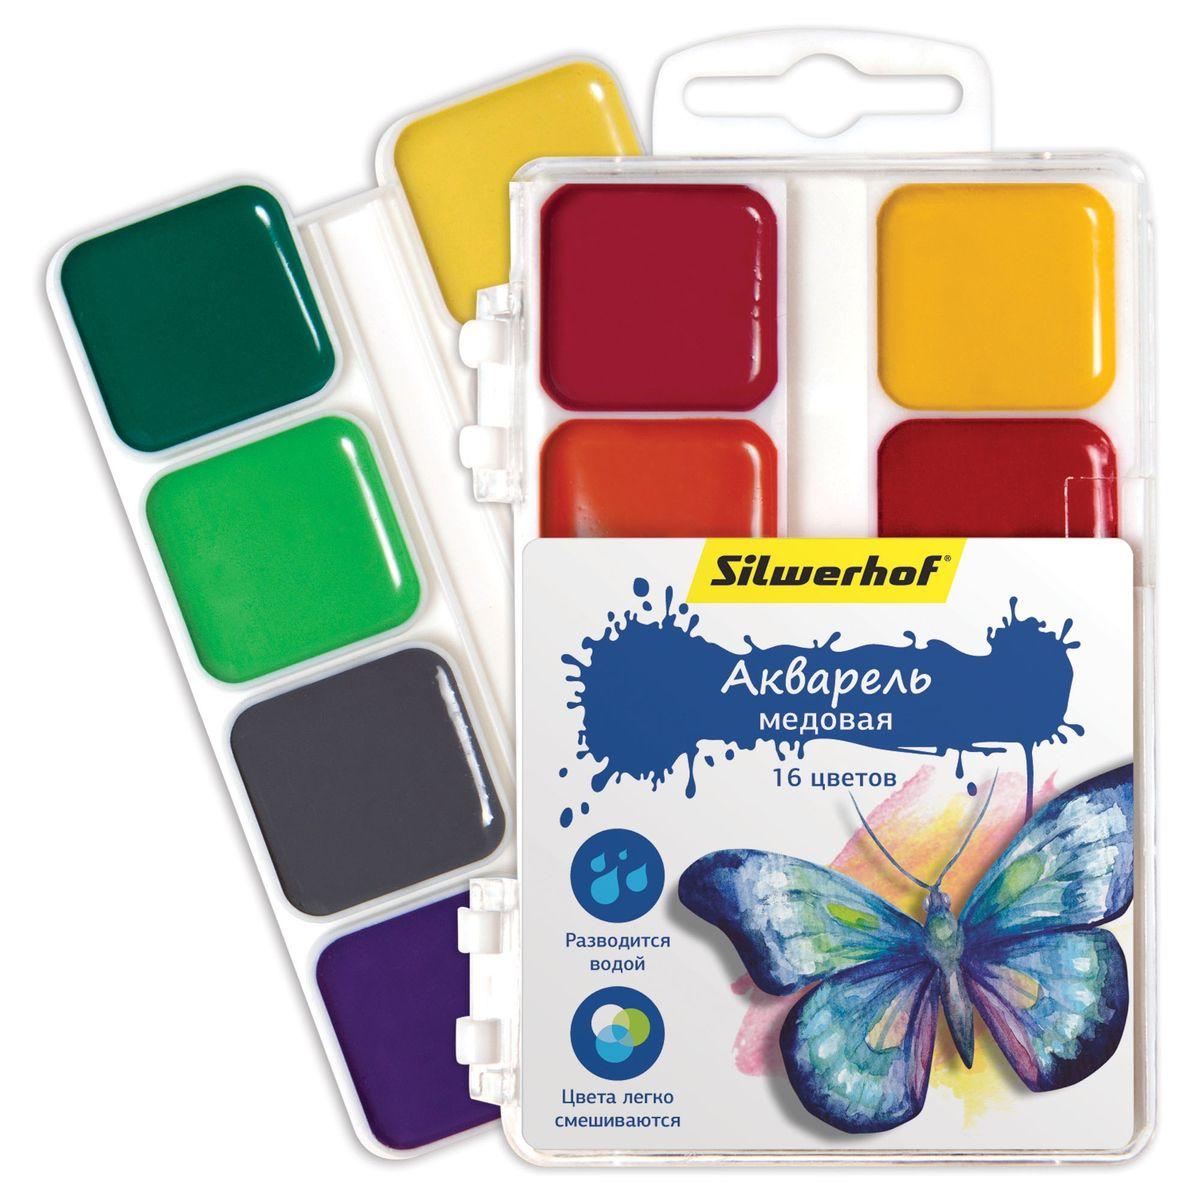 Silwerhof Акварель медовая Бабочки 16 цветов набор текстовыделителей silwerhof prime 4 цвета 108031 00